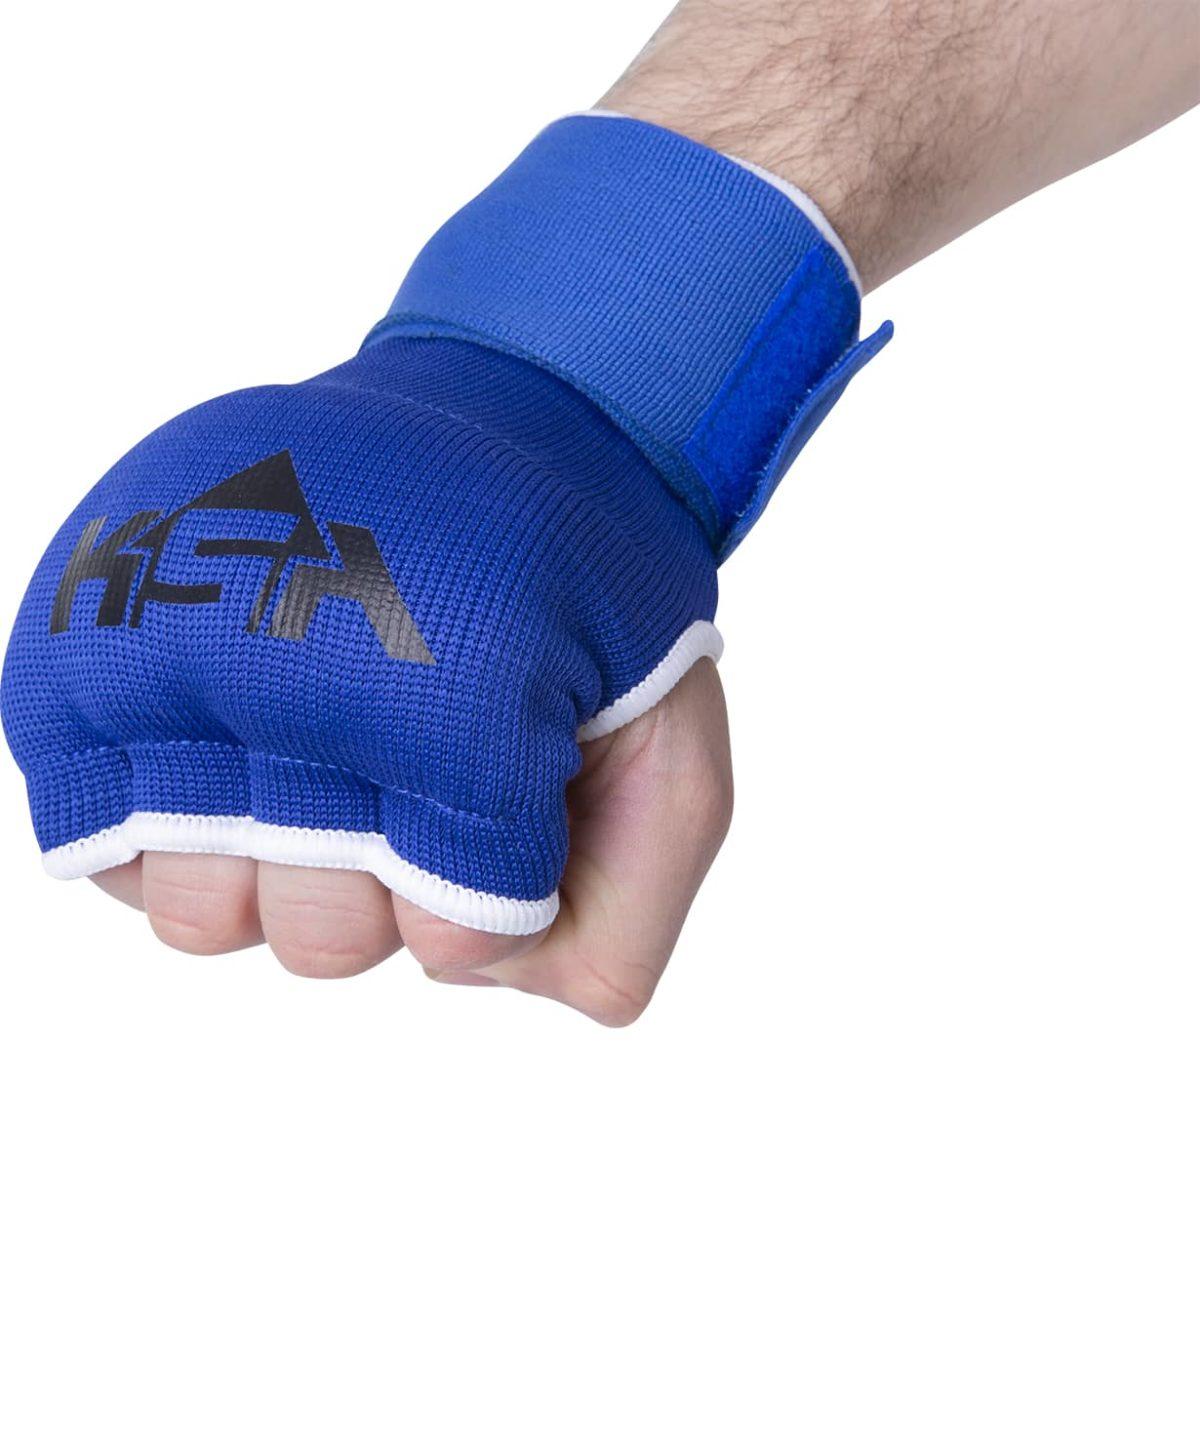 KSA Cobra Blue перчатки внутренние для бокса 17899 - 3